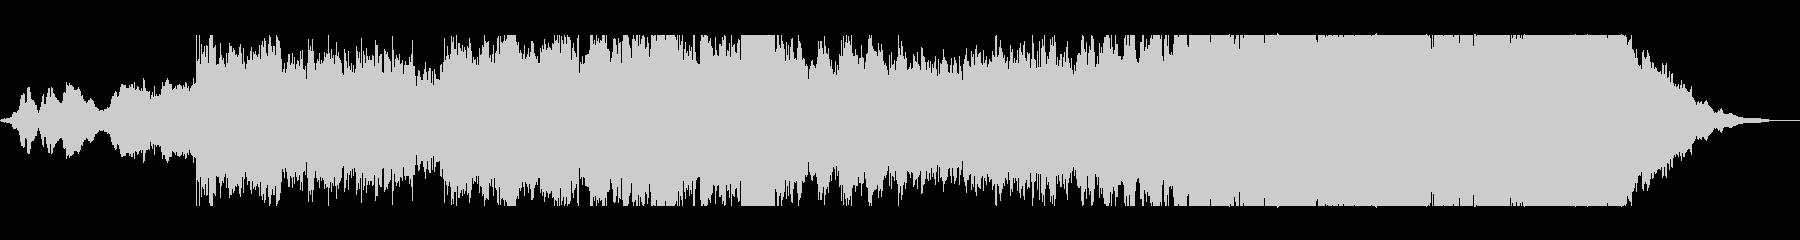 ファンタジーなシンセ管弦打楽器サウンドの未再生の波形